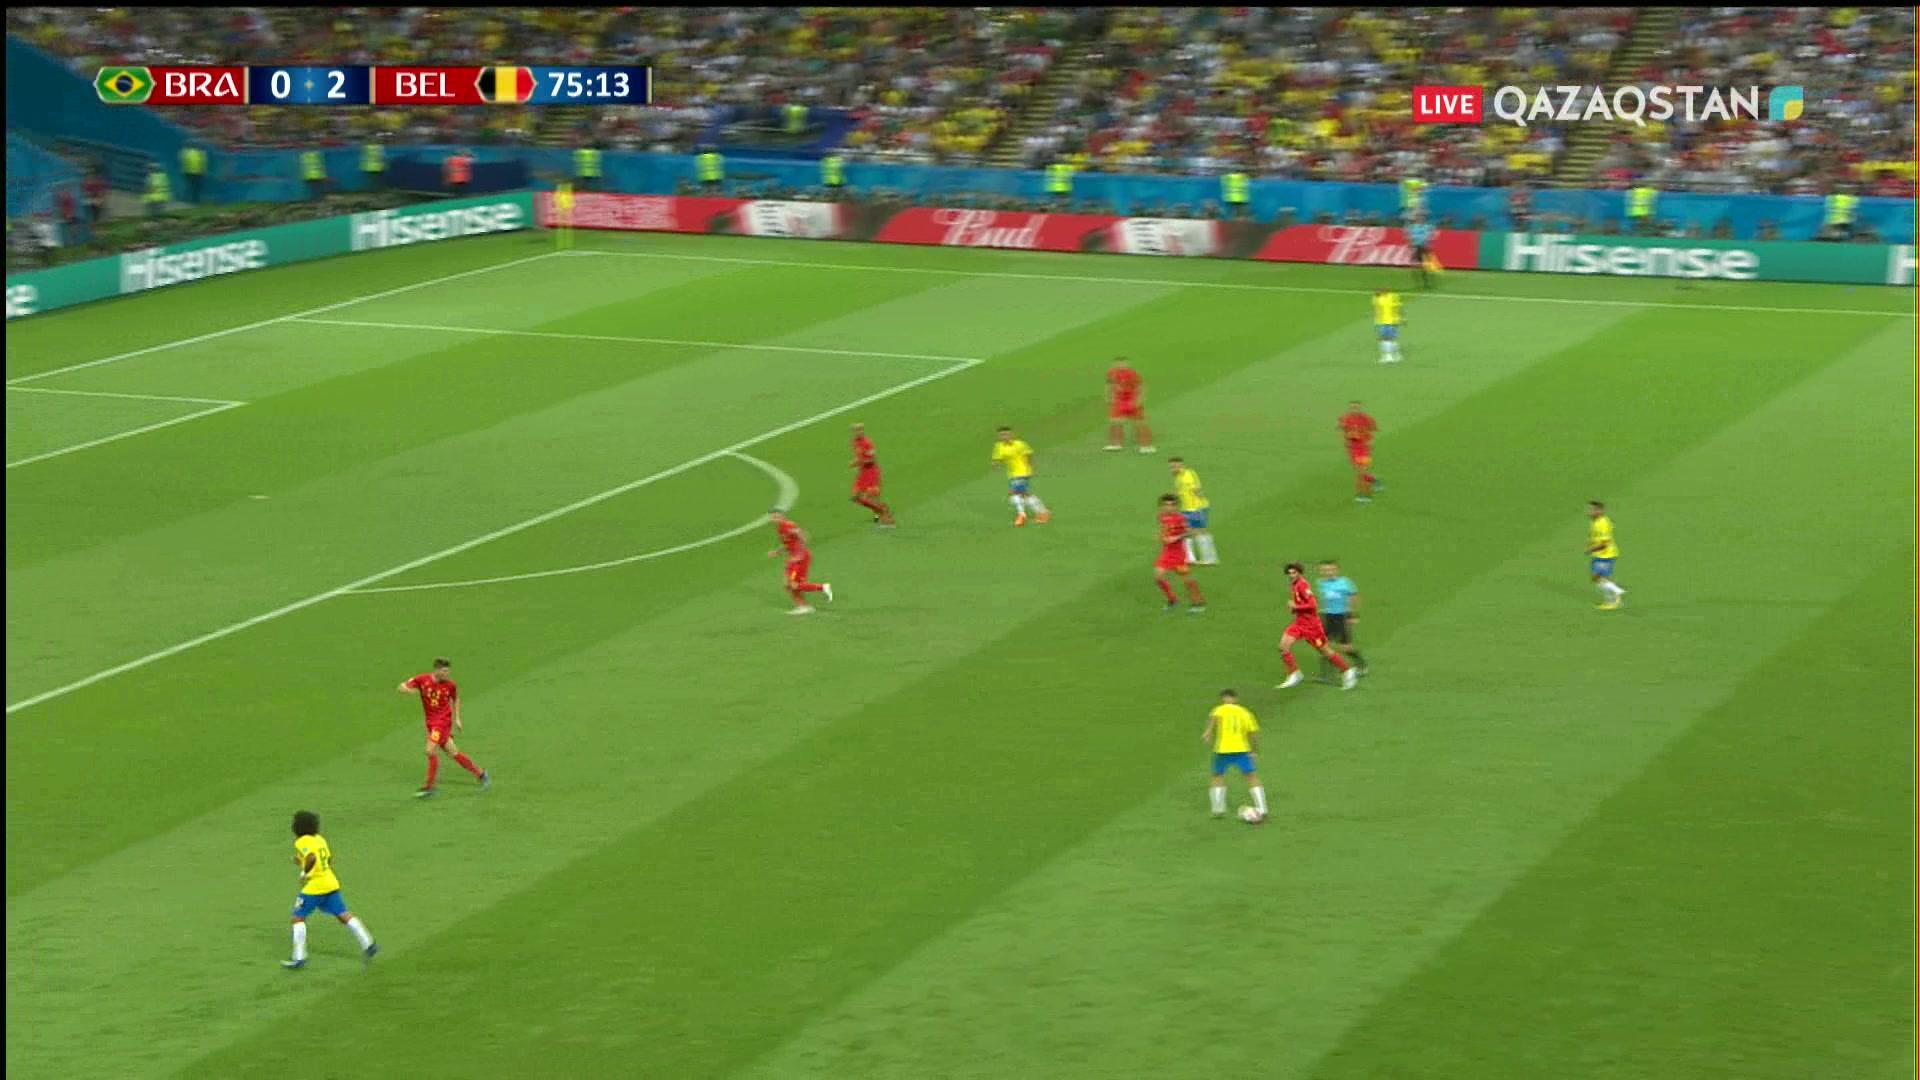 Бразилия – Бельгия - 1:2 | Әлем Чемпионаты 2018:  76* Ренато Аугусто есепті қысқартты